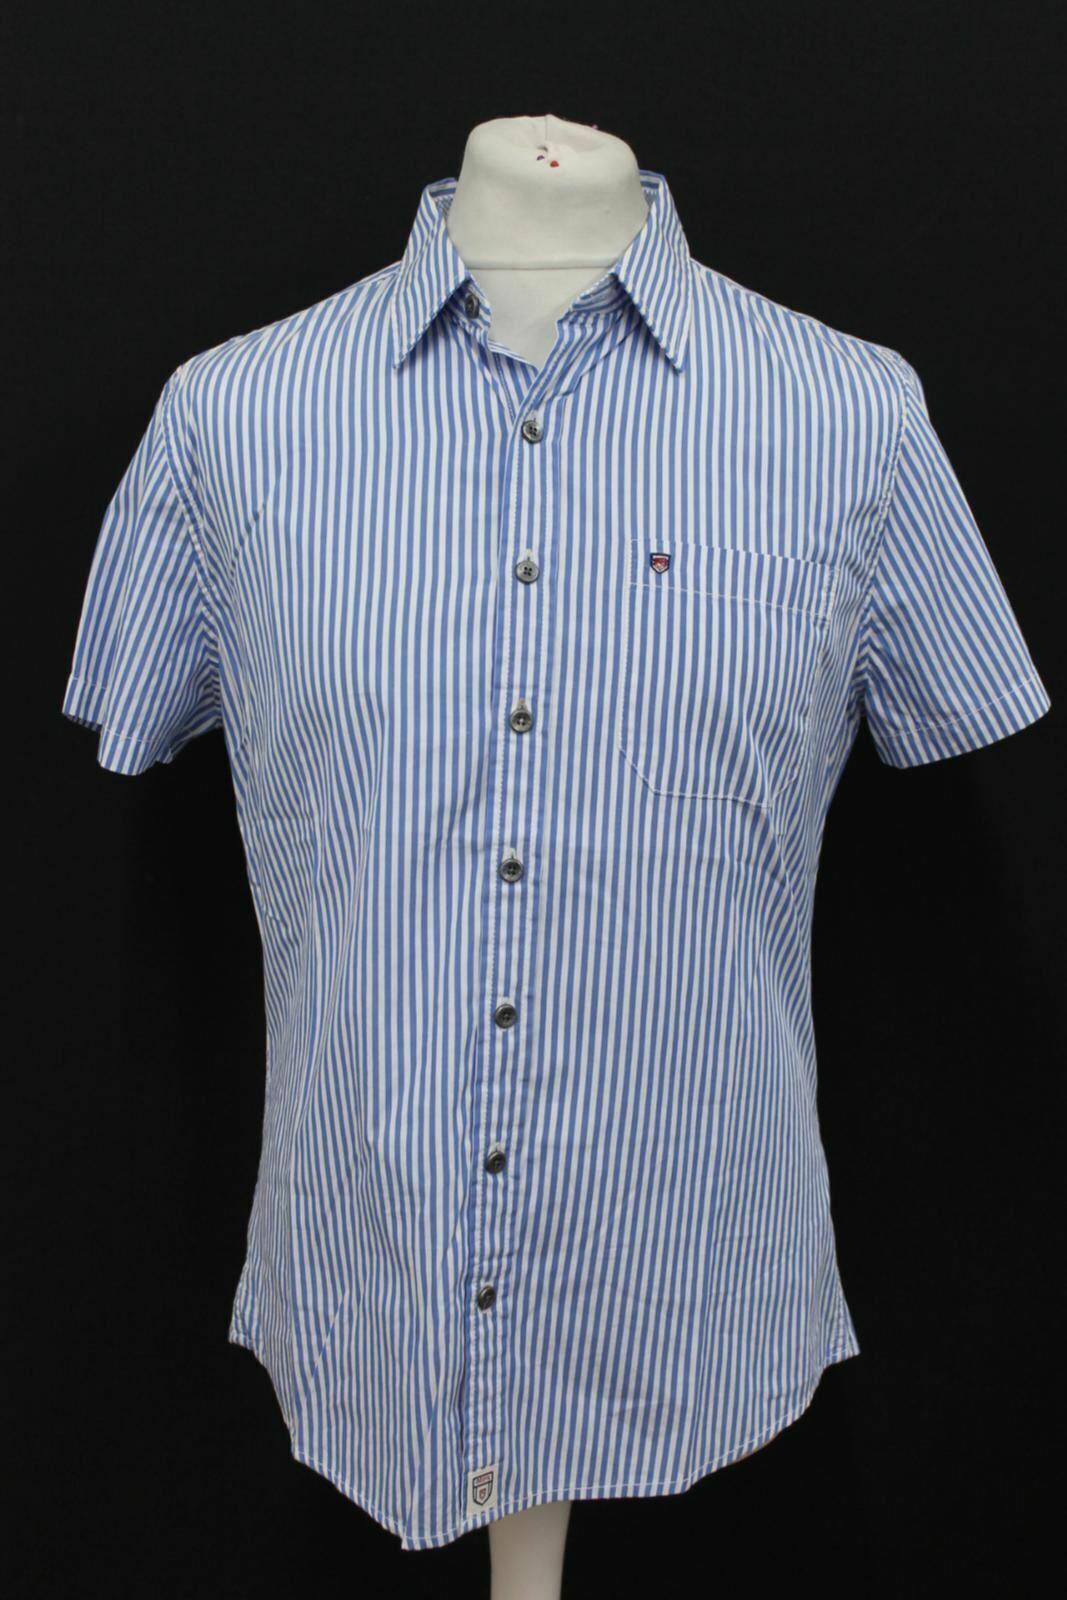 BNWT Dubarry Uomo nerorock Blu Bianco Manica Corta Camicia A Righe Taglia S